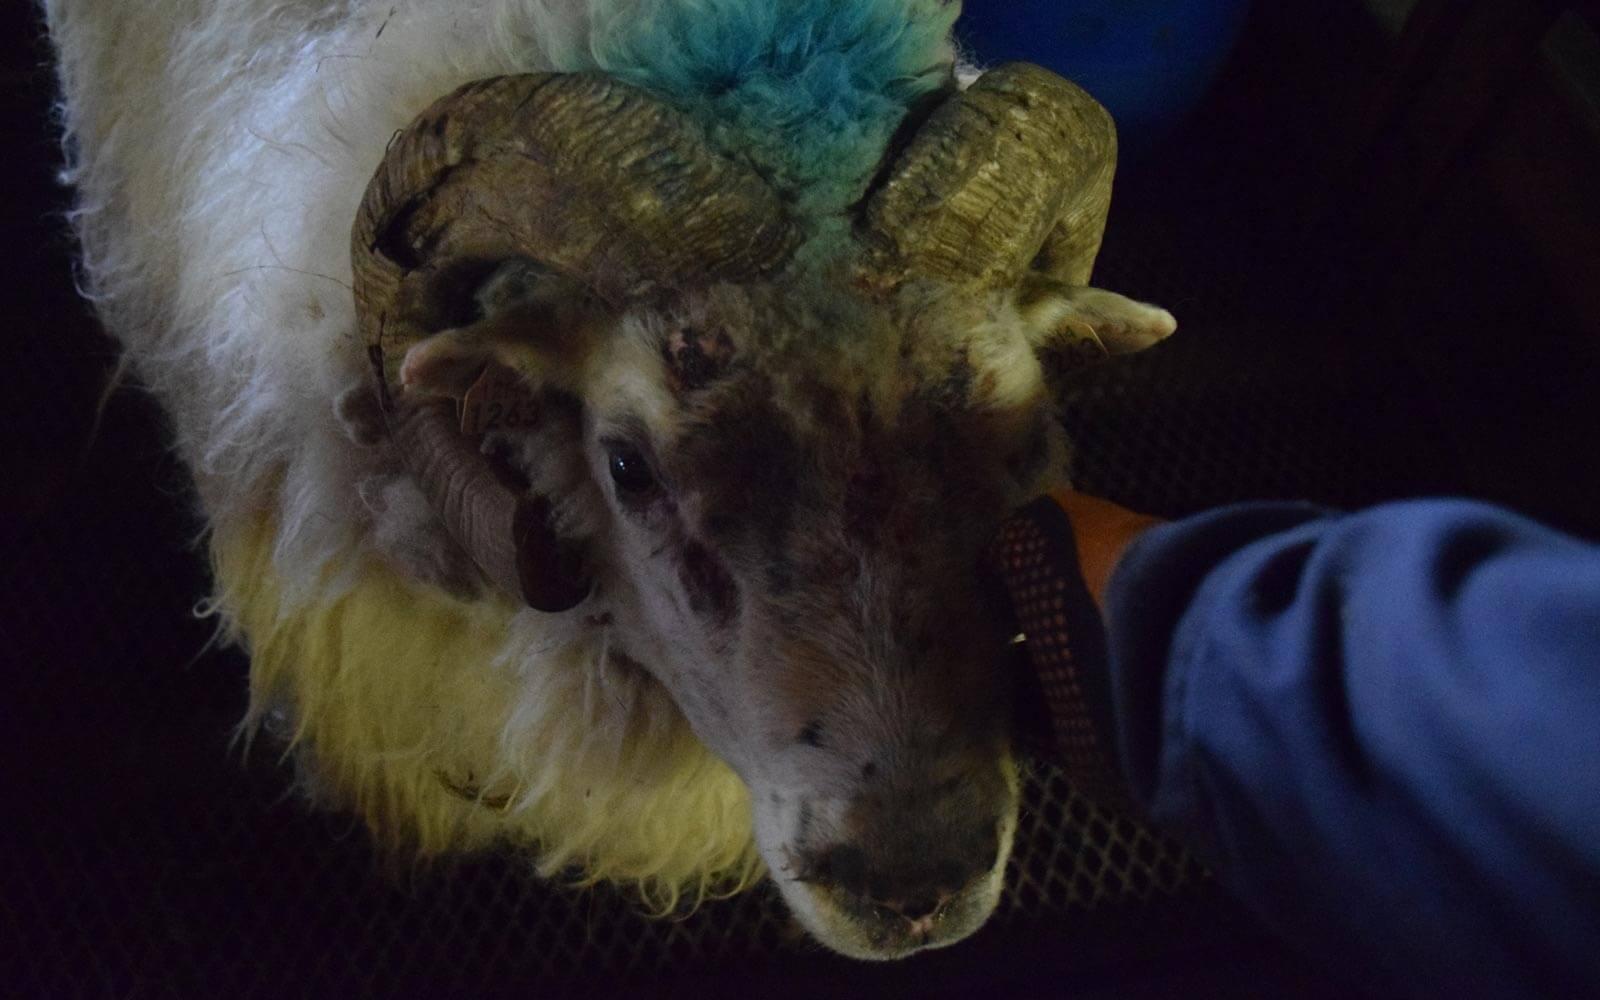 Bock mit blauer Markierung auf dem Kopf